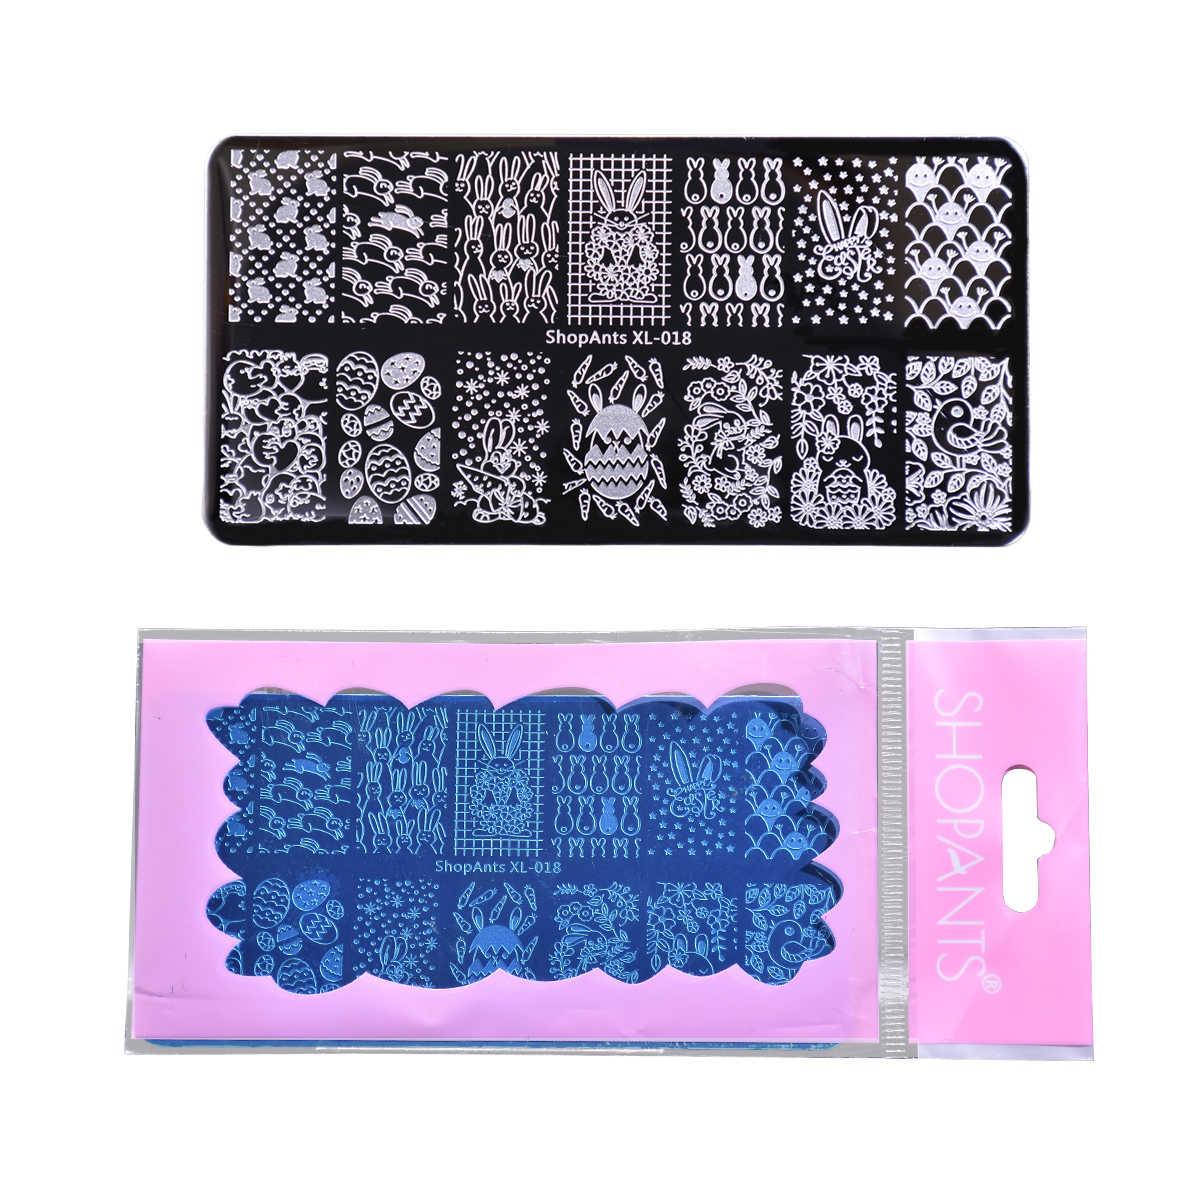 SHOPANTS 6*12cm tırnak yapıştırması dikdörtgen paslanmaz çelik şablonlar paskalya tasarımlar profesyonel manikür Stamper damgalama tırnak sanat